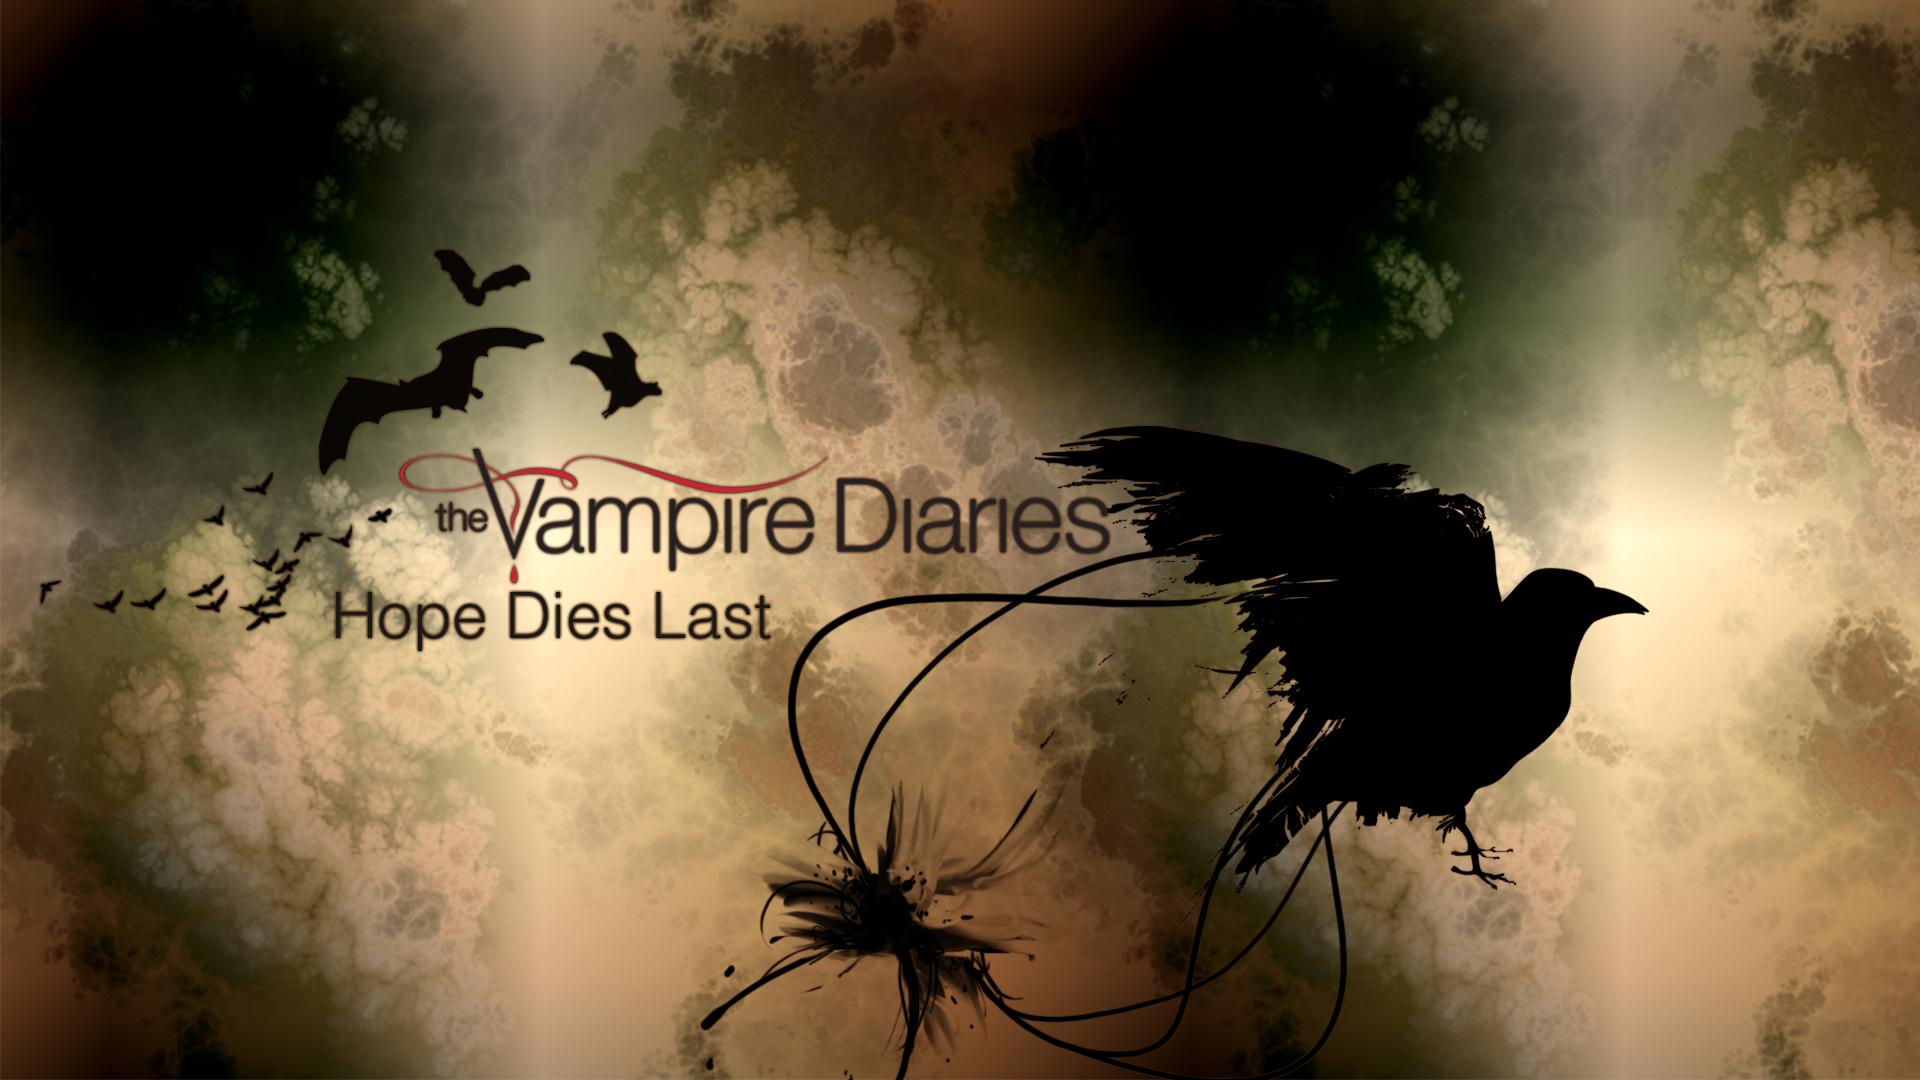 The Vampire Diaries HD Wallpapers - WallpaperSafari